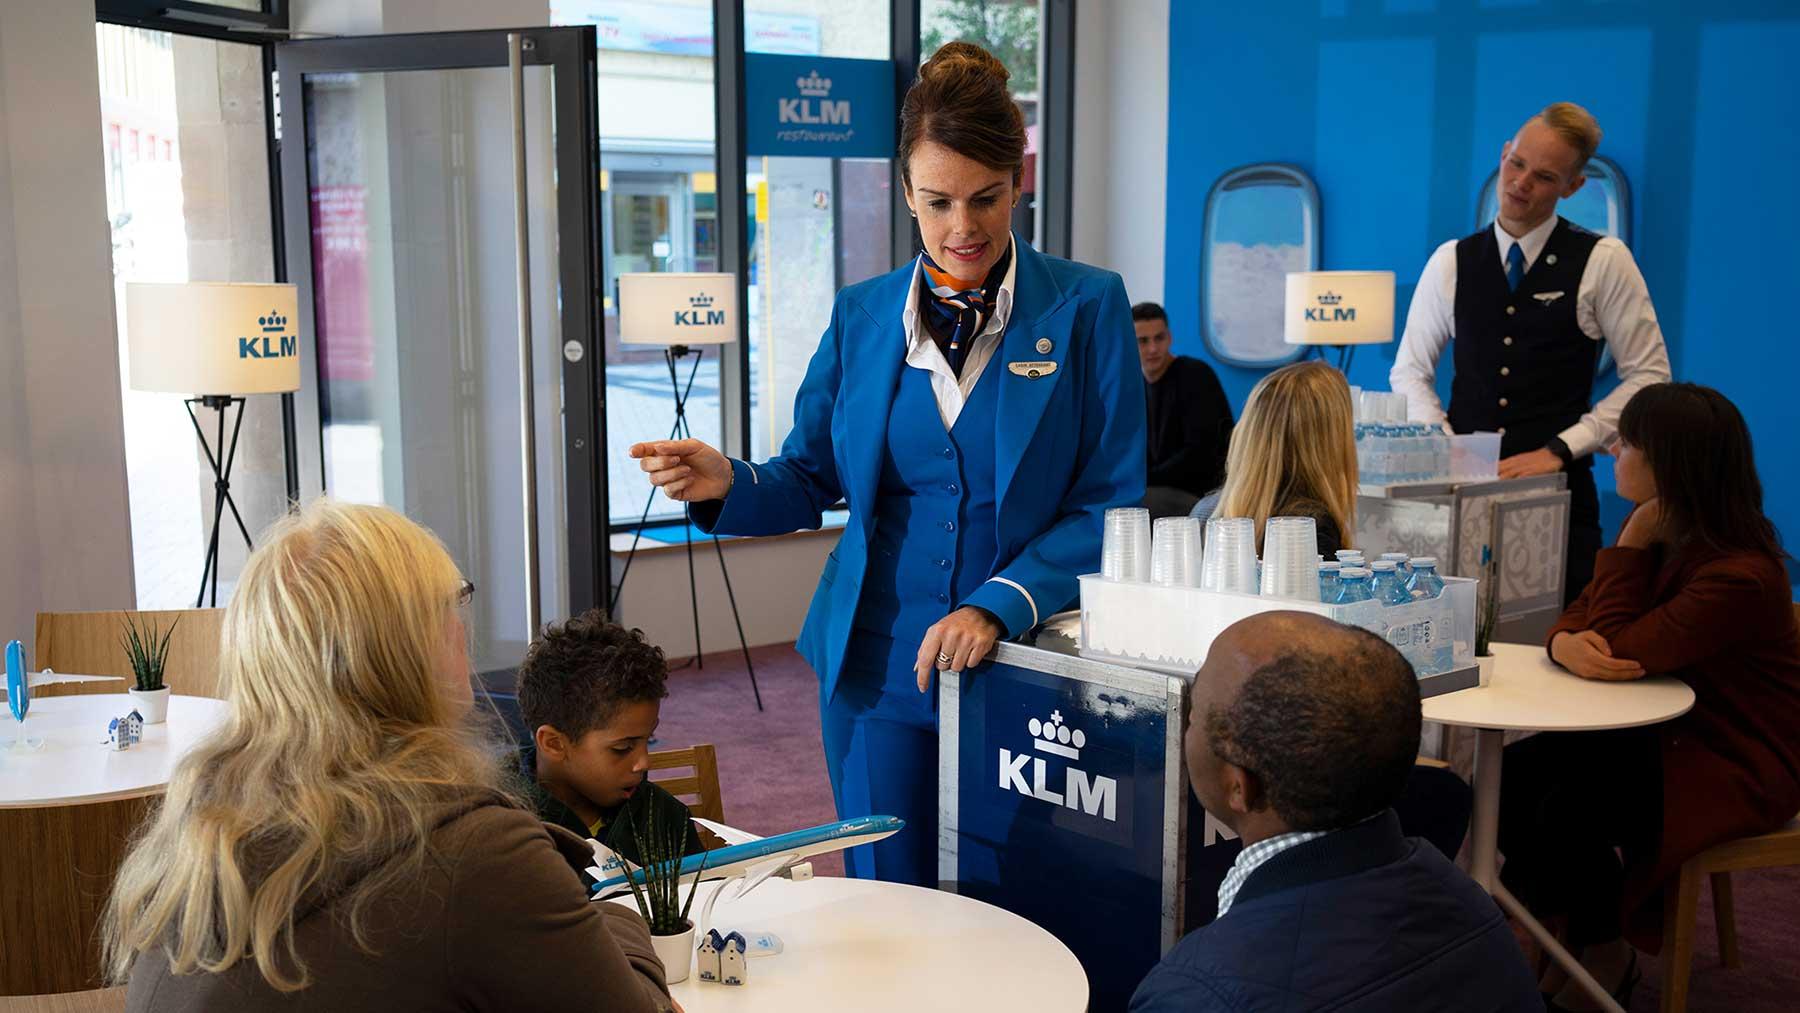 Ist KLM eine Bank, ein Restaurant oder ein Radiosender? KLM-radiosender-bank-restaurant-fluglinie_02